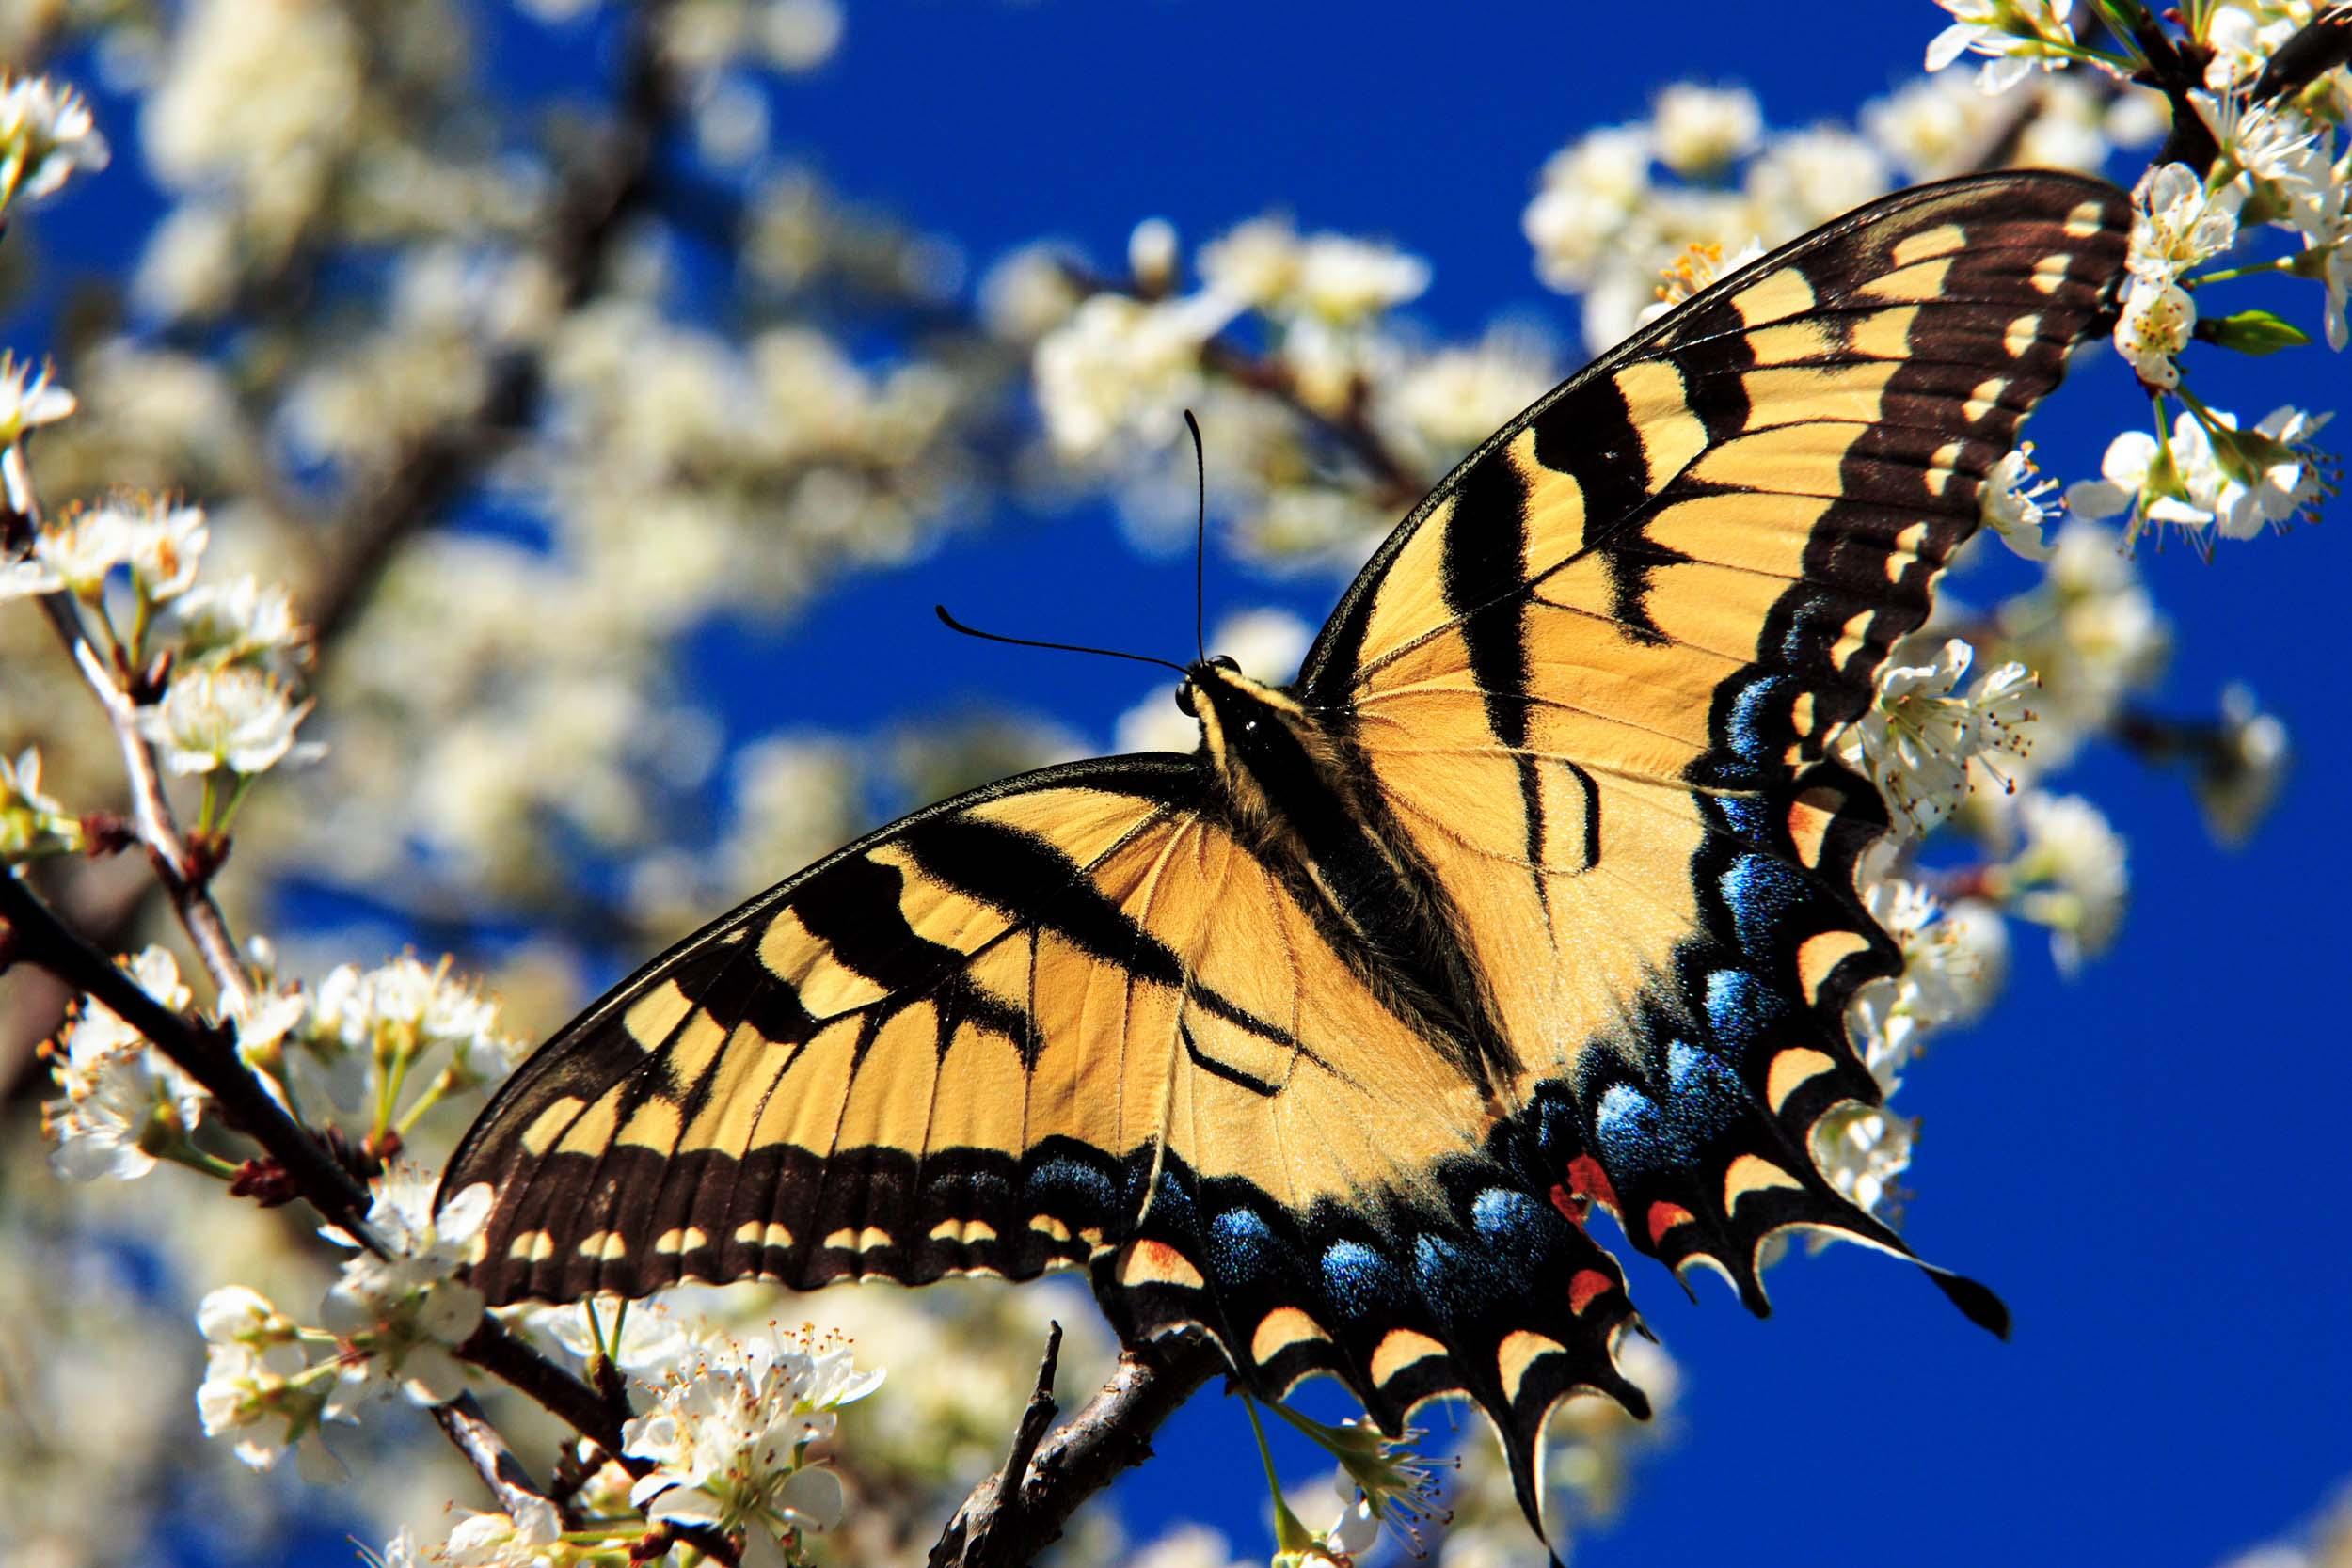 <b>Tiger Swallowtail</b>